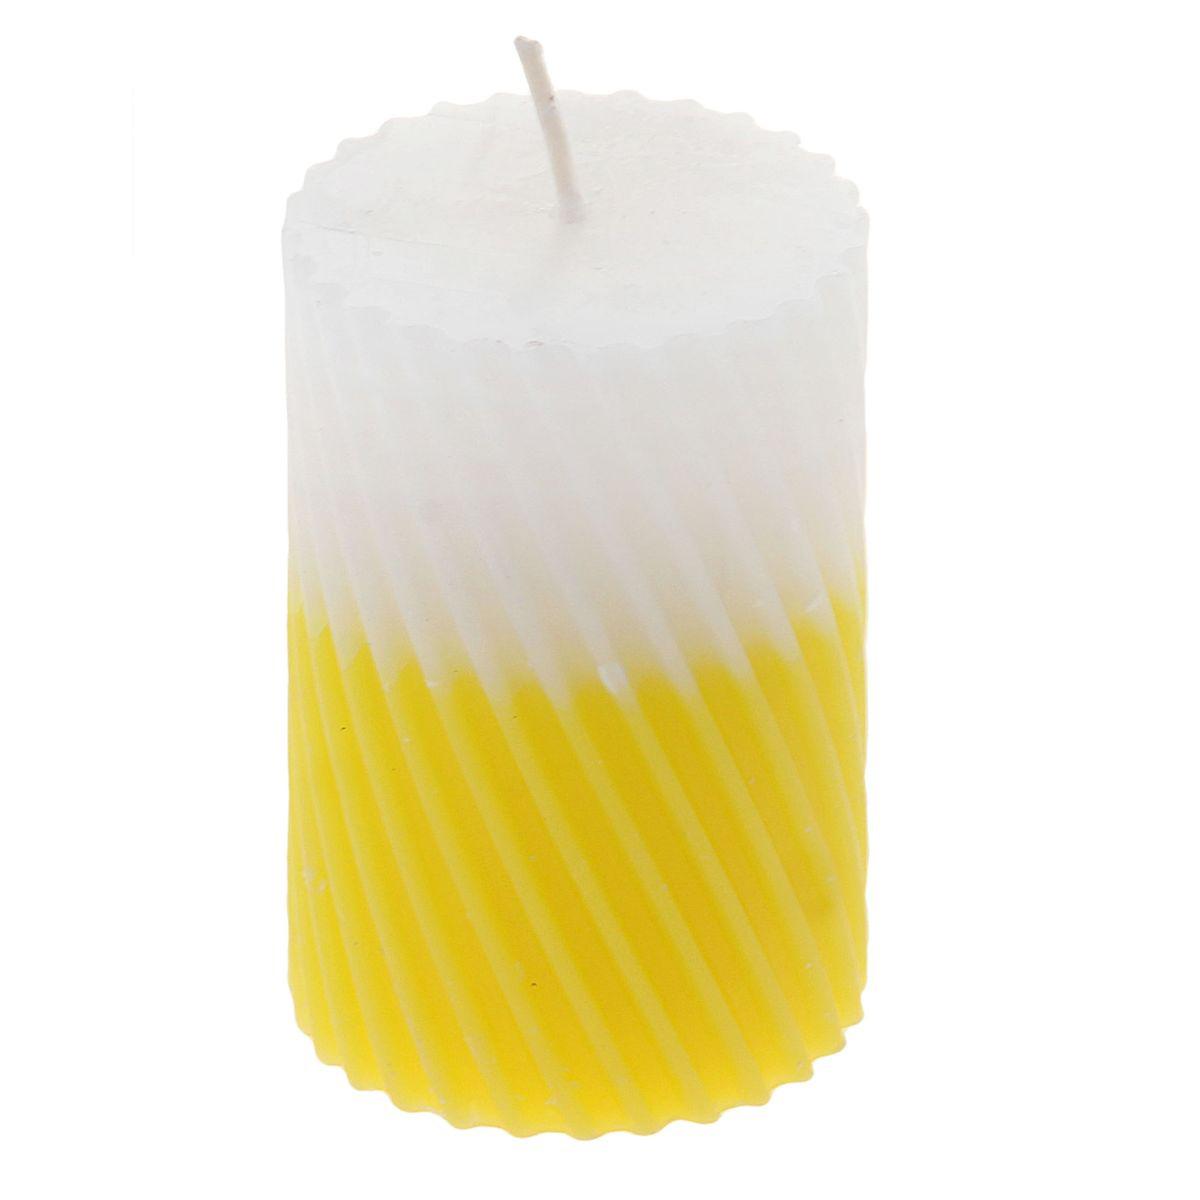 Свеча ароматизированная Sima-land Лимон, высота 7,5 см. 849539RG-D31SСвеча Sima-land Лимон выполнена из воска и оформлена резным рельефом. Свеча порадует ярким дизайном и сочным ароматом лимона, который понравится как женщинам, так и мужчинам. Создайте для себя и своих близких незабываемую атмосферу праздника в доме. Ароматическая свеча Sima-land Лимон раскрасит серые будни яркими красками.